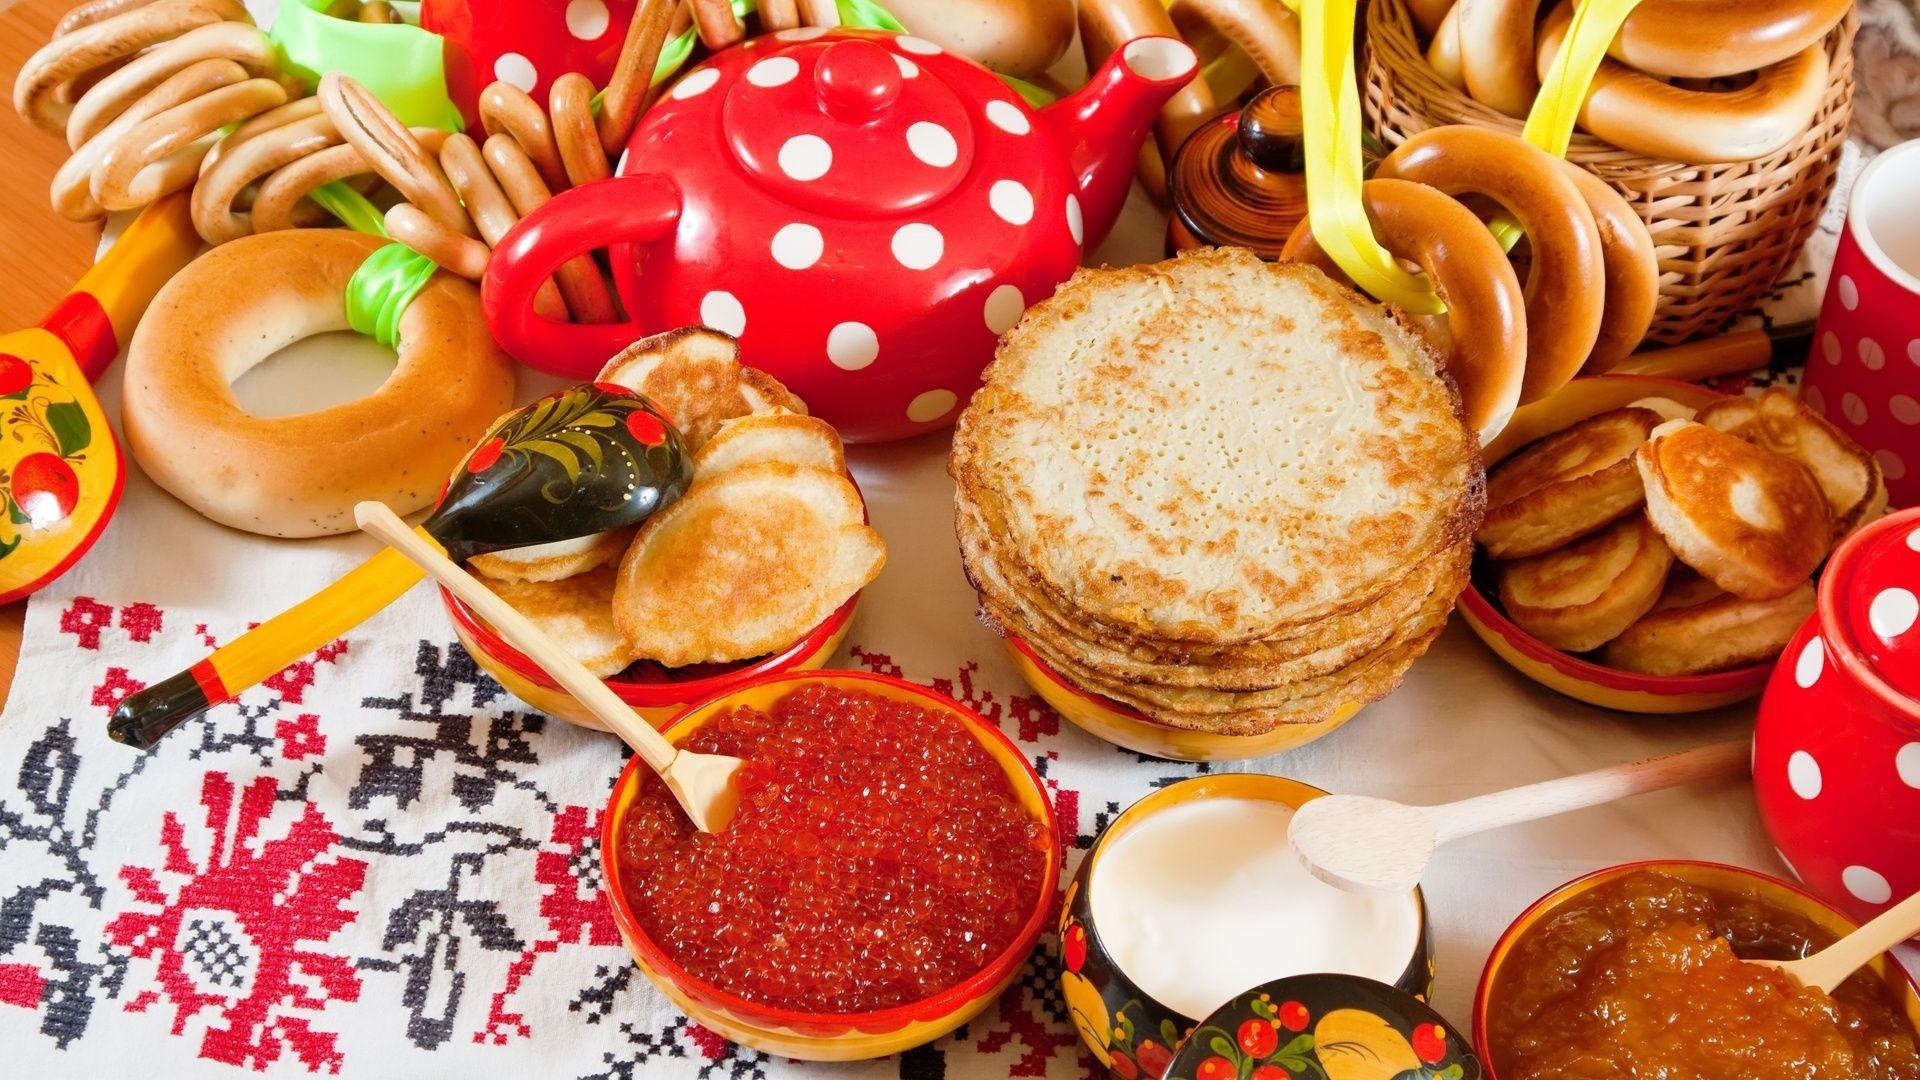 Pancake wallpaper 1080p